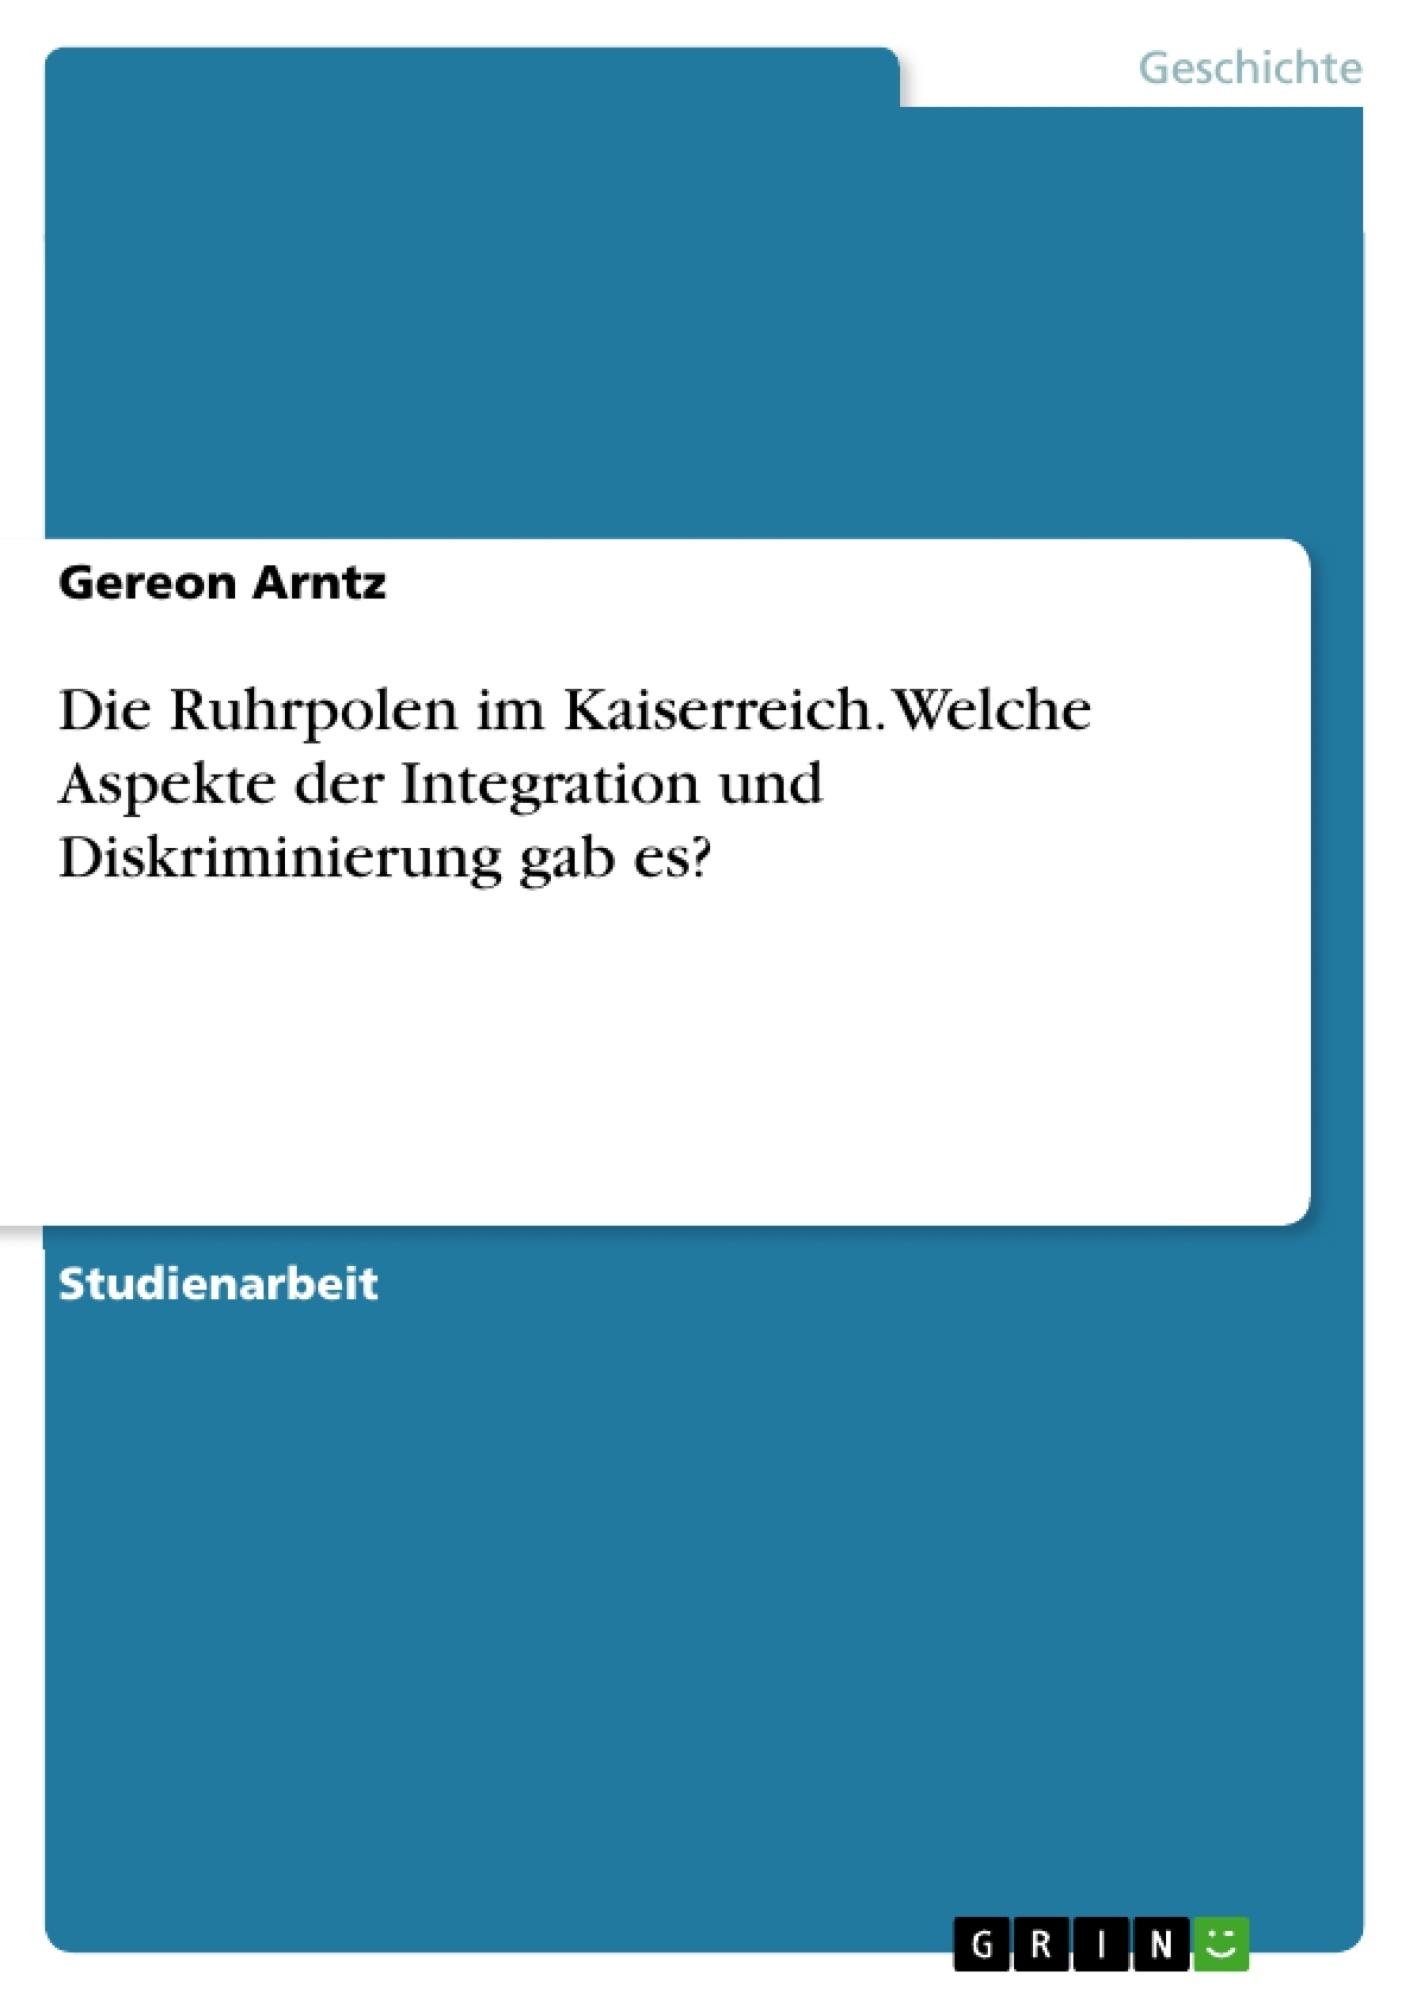 Titel: Die Ruhrpolen im Kaiserreich. Welche Aspekte der Integration und Diskriminierung gab es?